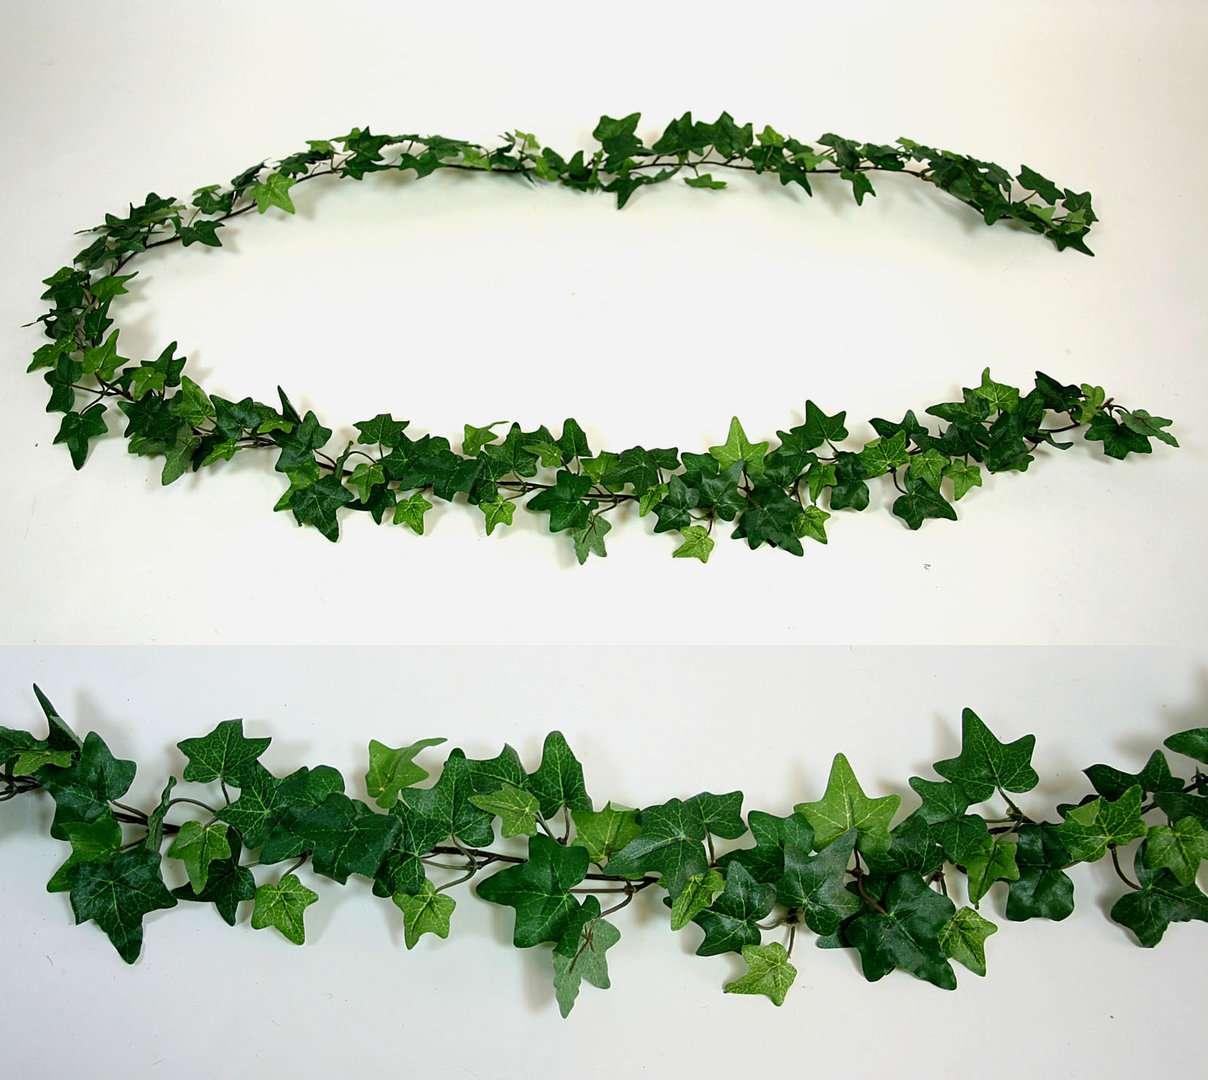 efeugirlande 180cm grün da - kunstpflanzen kunstblumen künstliches efeu